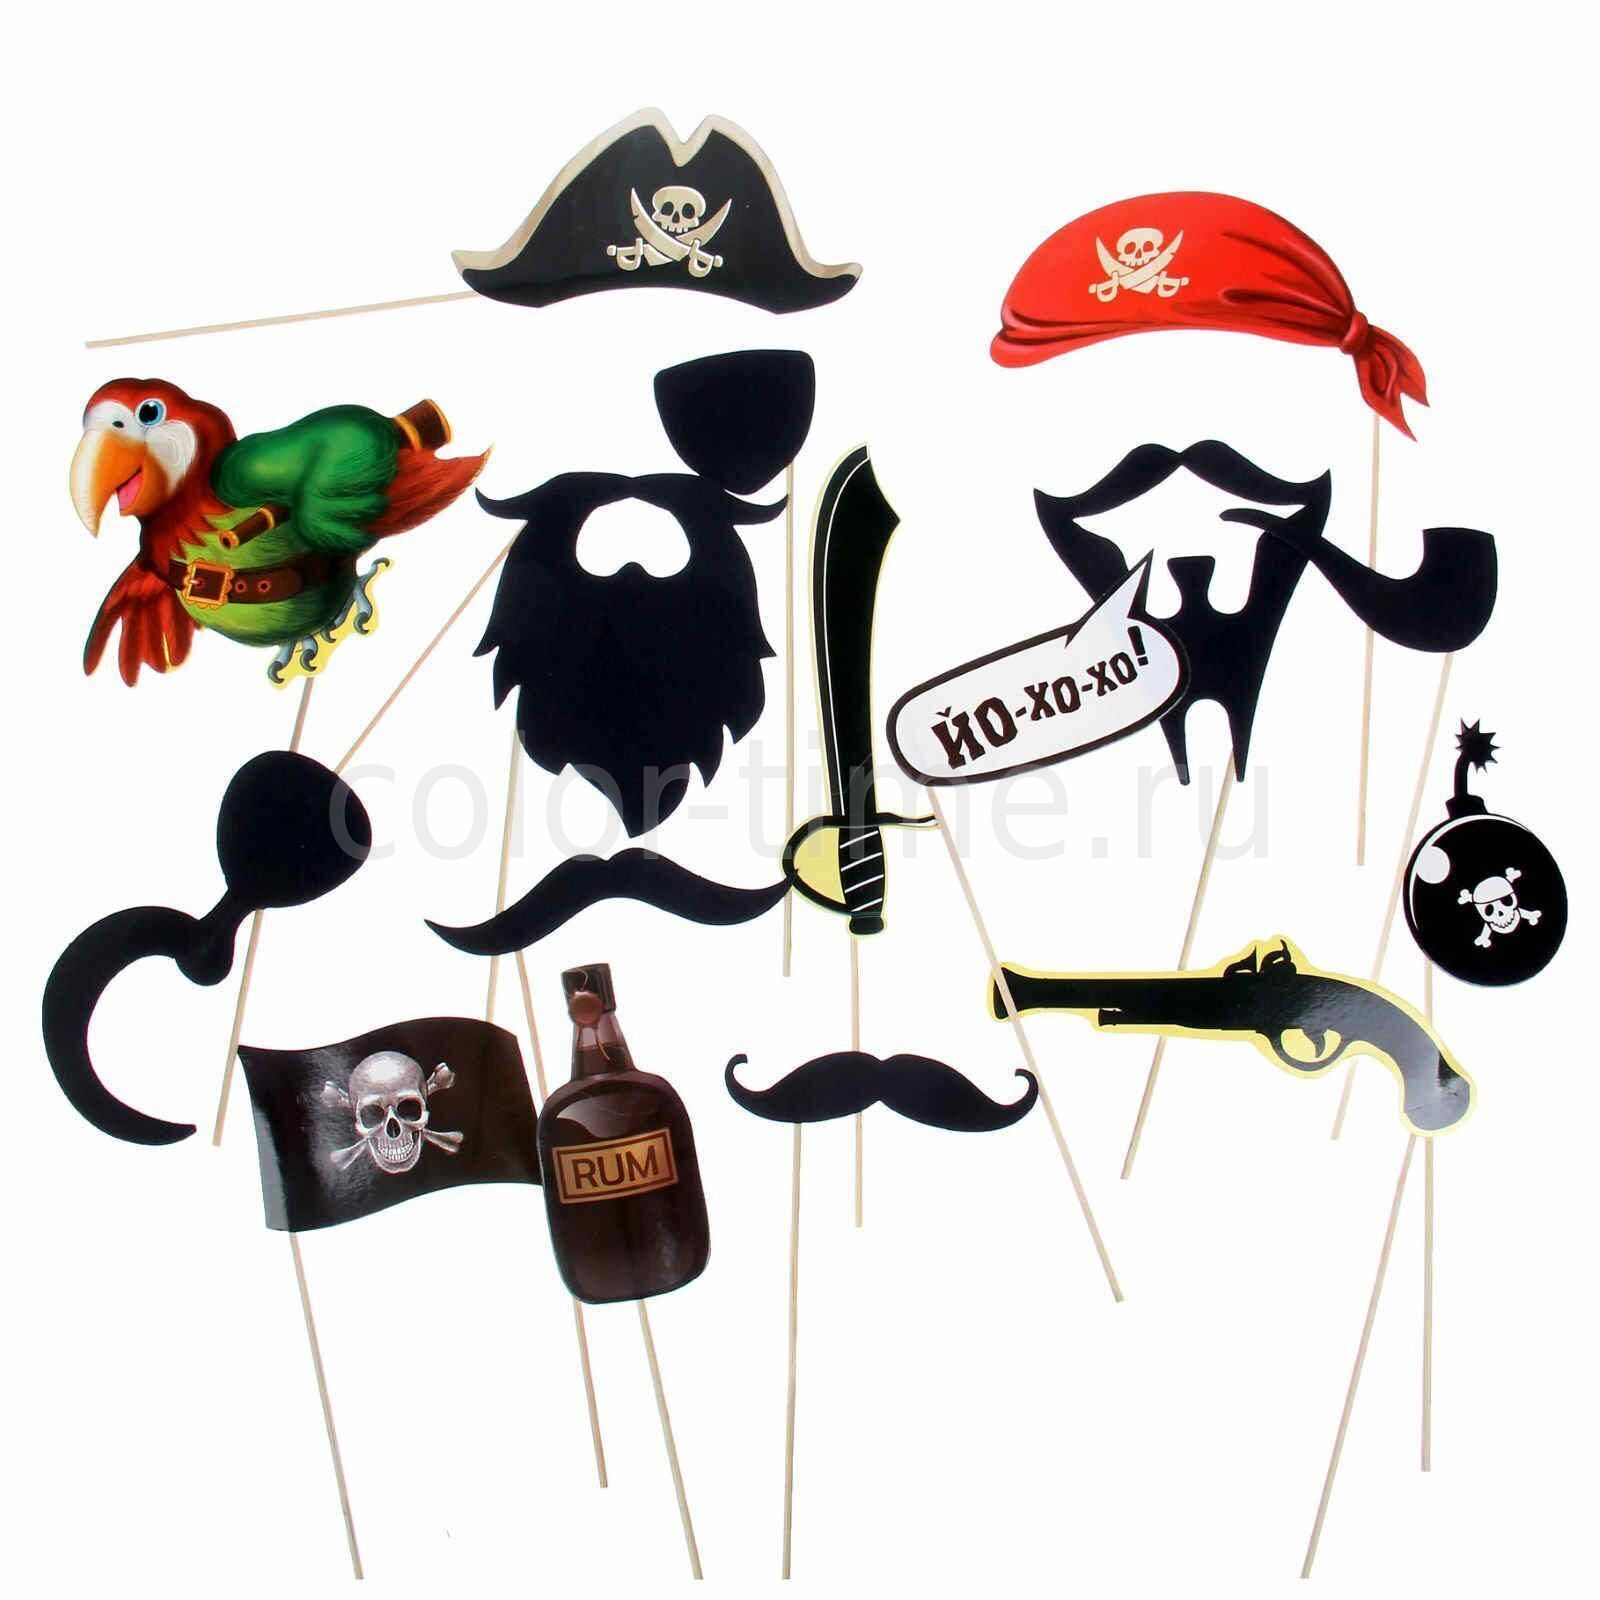 Украшения для пиратской вечеринки своими руками